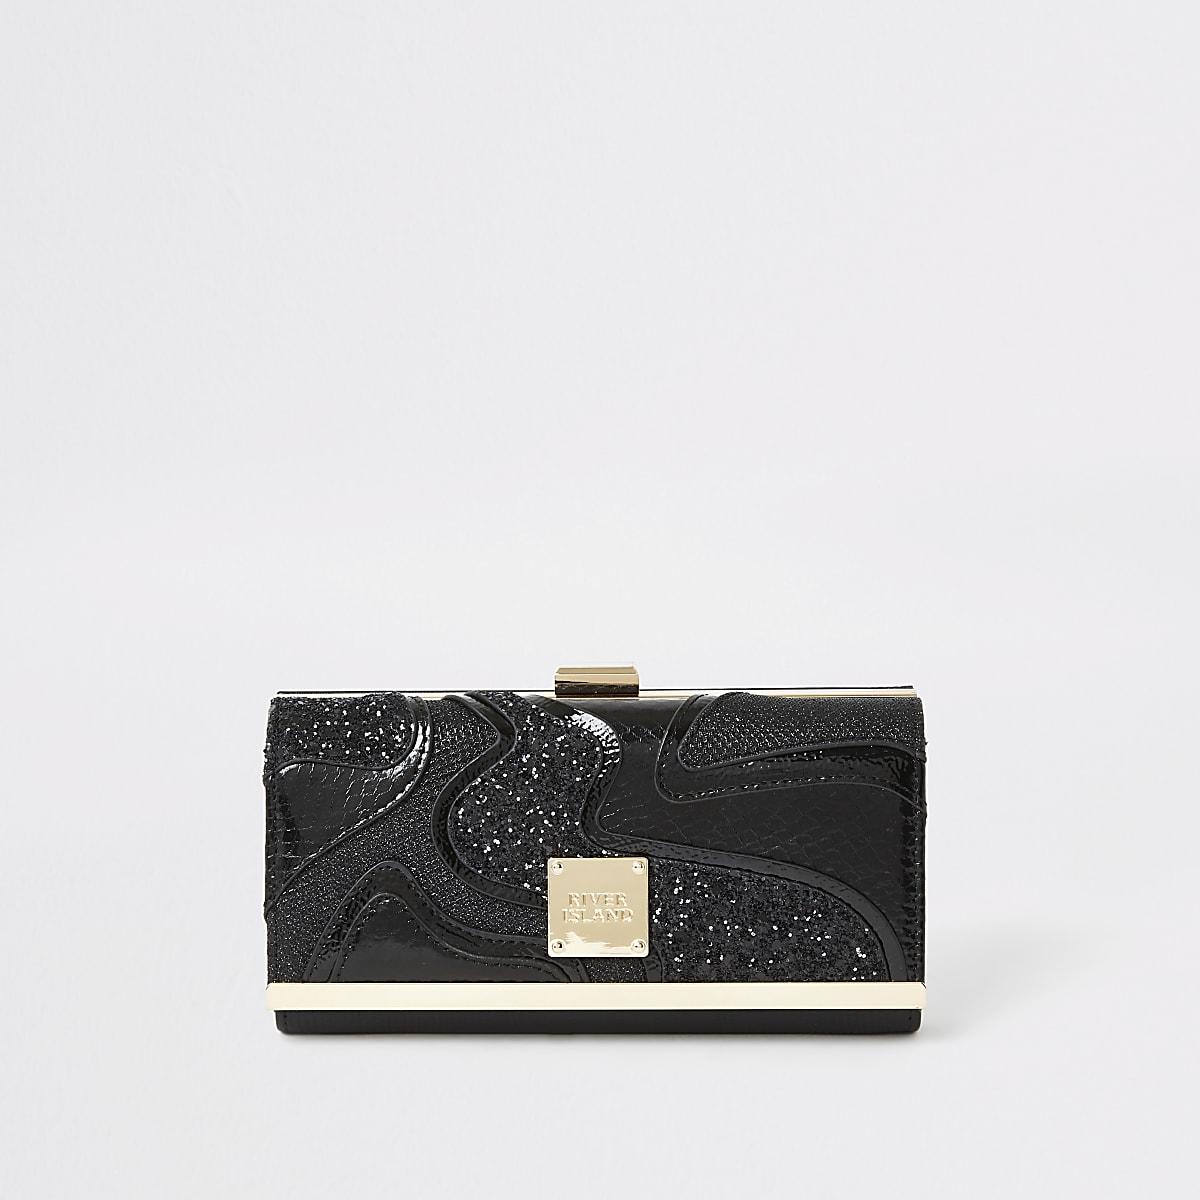 Zwarte portemonnee met knipsluiting en glitters in uitgesneden wervelpatronen